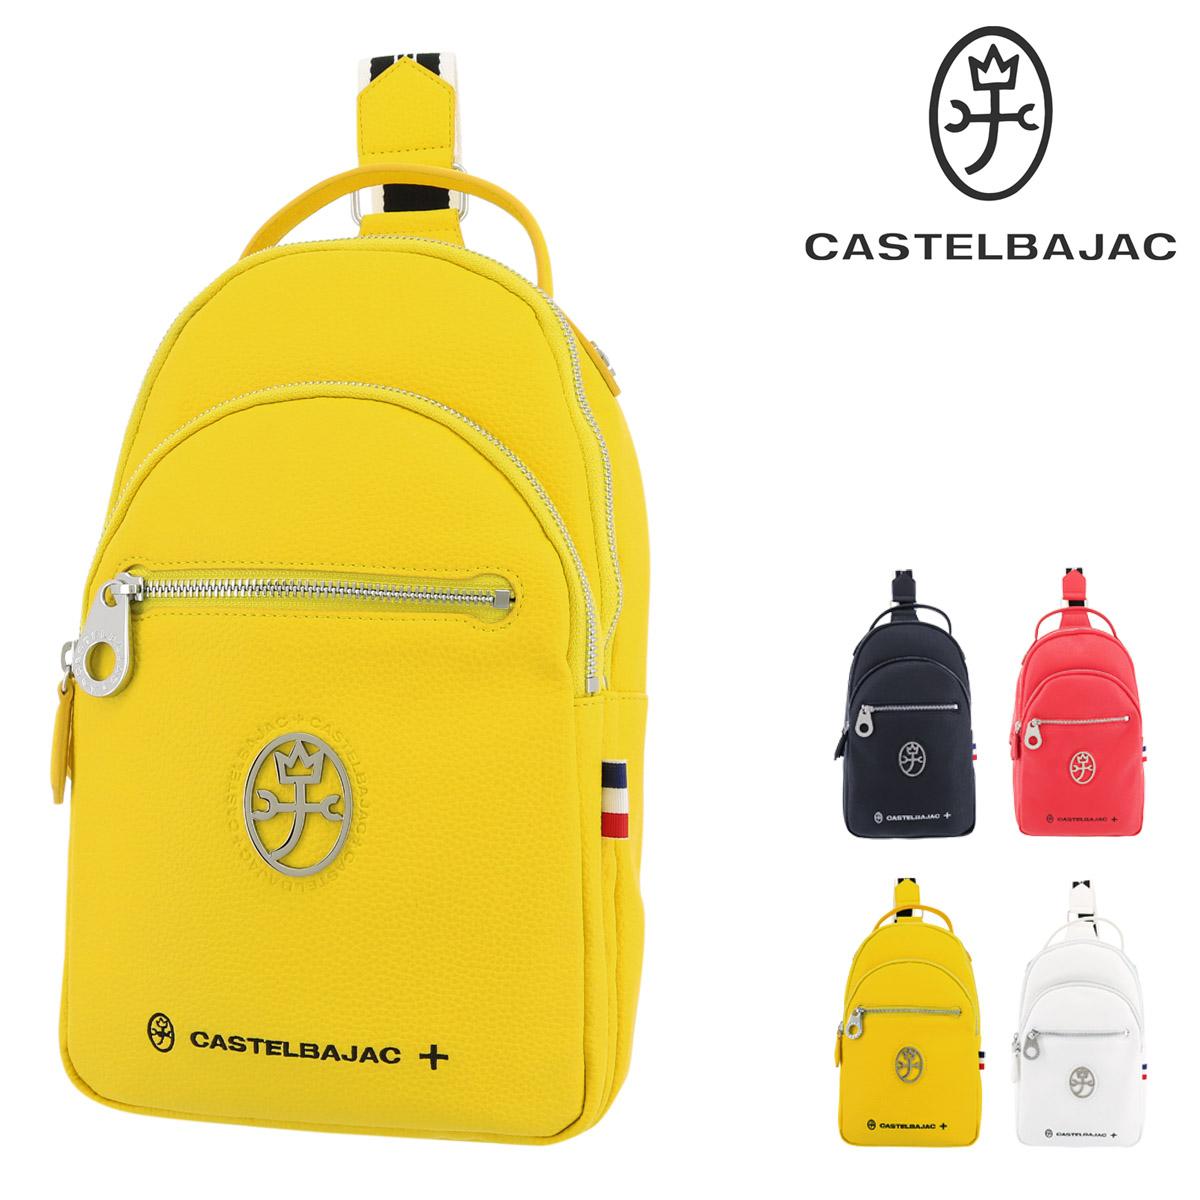 カステルバジャック ボディバッグ 縦型 ハロゲン メンズ 026922 CASTELBAJAC   ワンショルダー[PO10][bef]